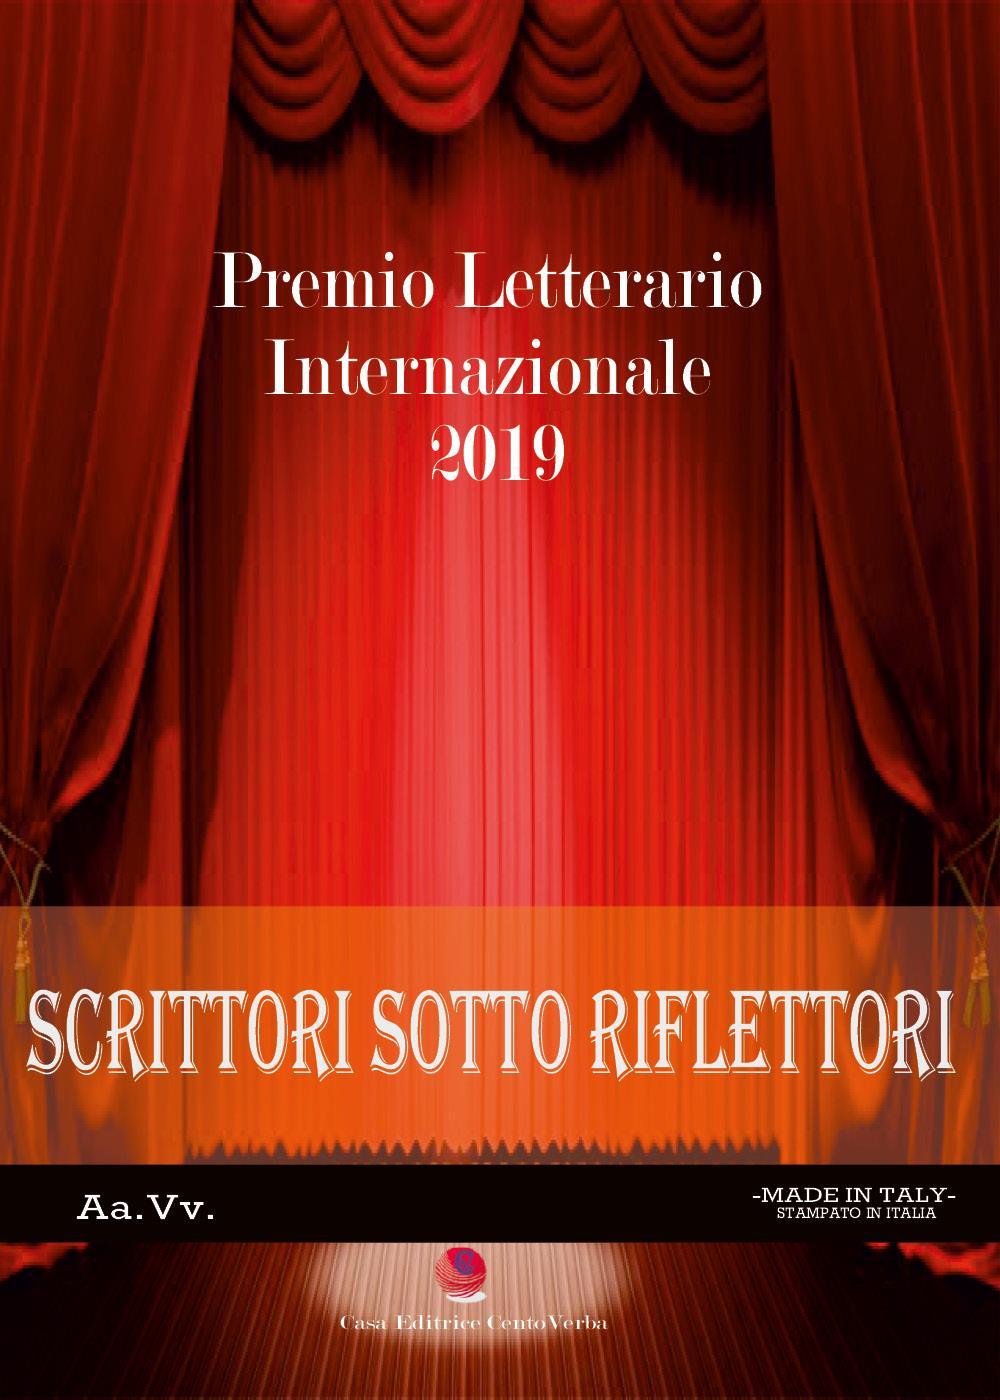 Scrittori sotto i riflettori 2019. Premio Letterario Internazionale